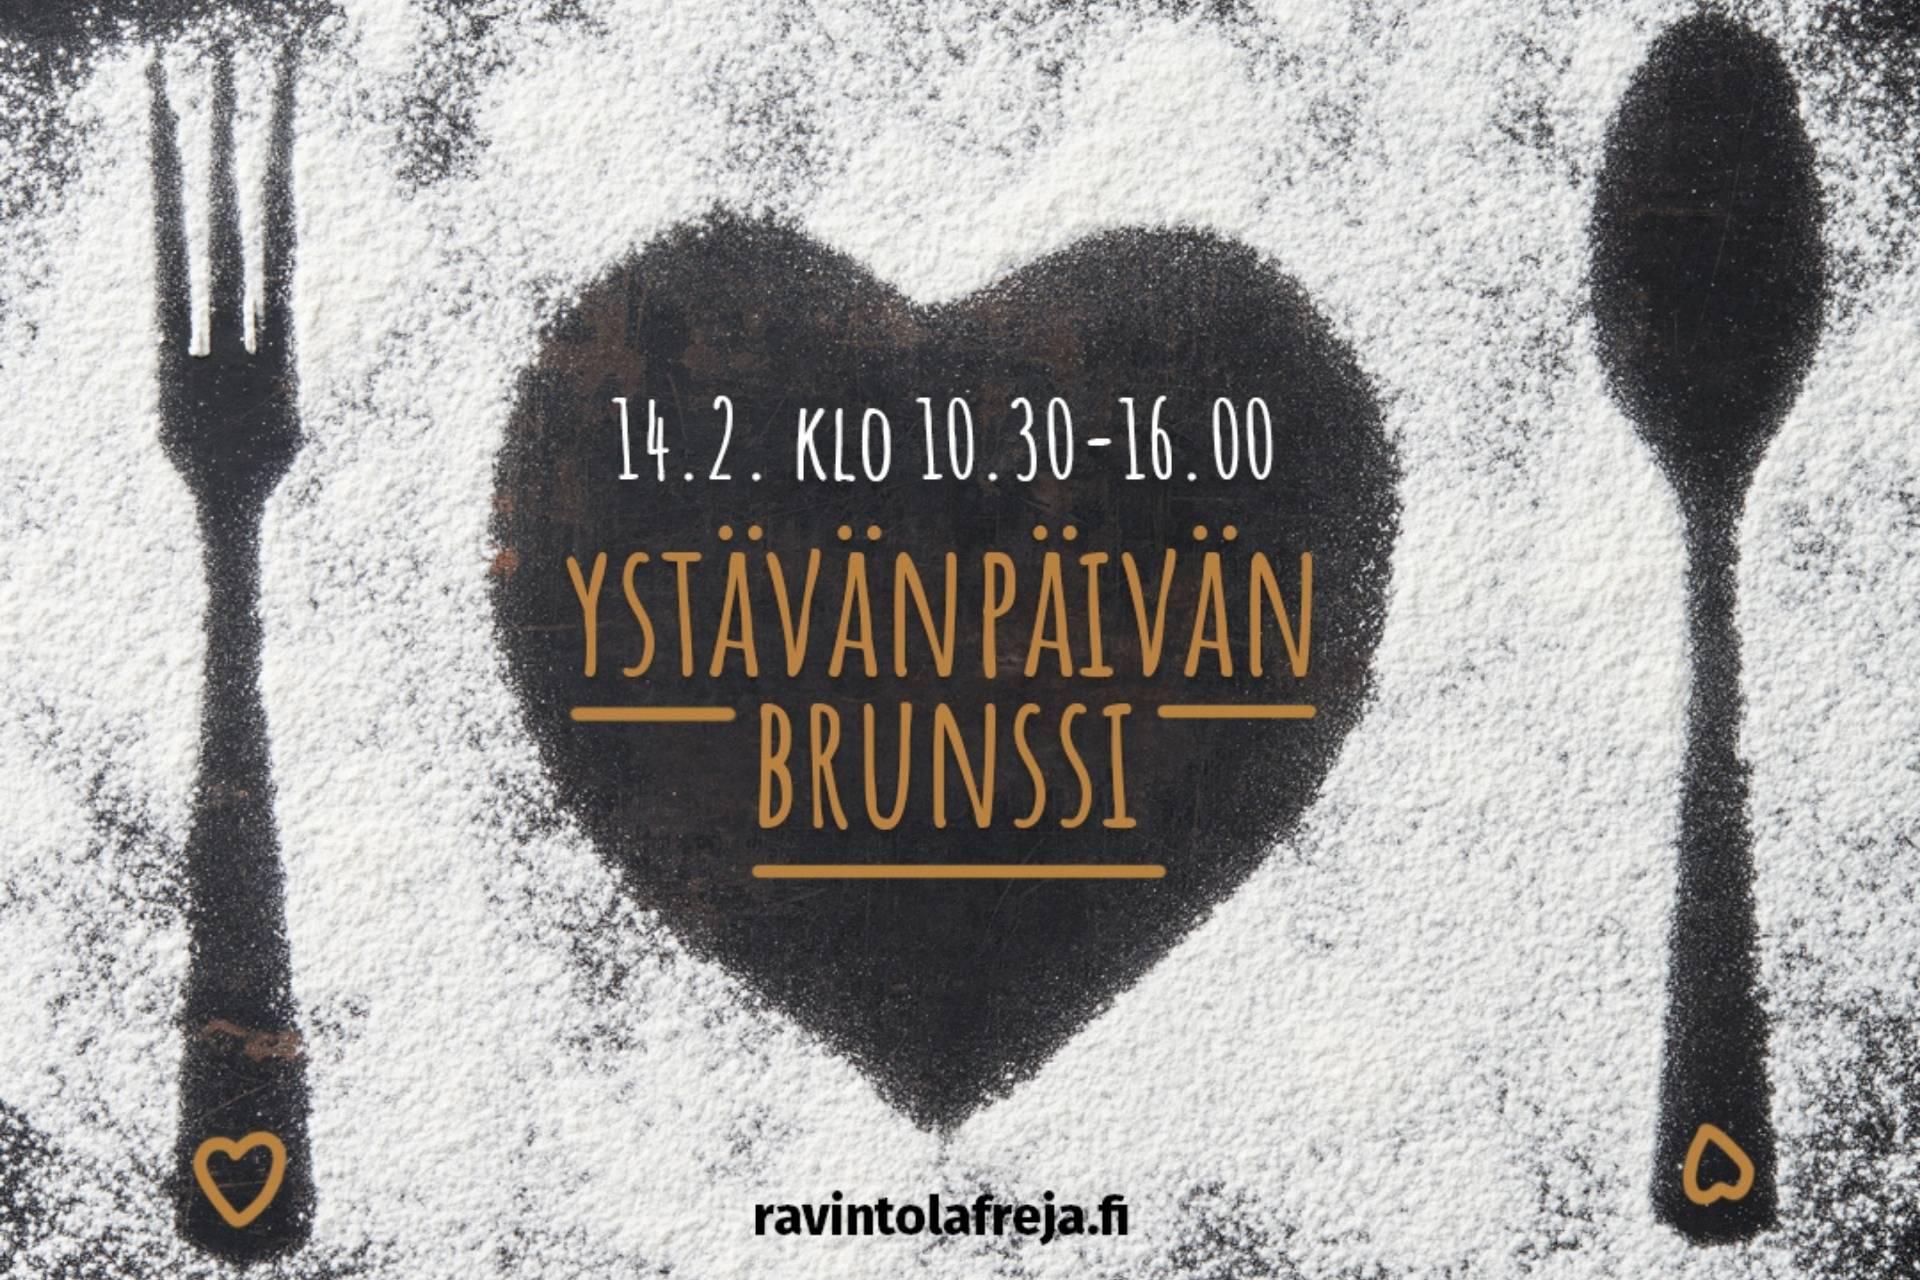 Ravintola Frejan ystävänpäiväbrunssi tarjolla Espoossa 14.2.2021